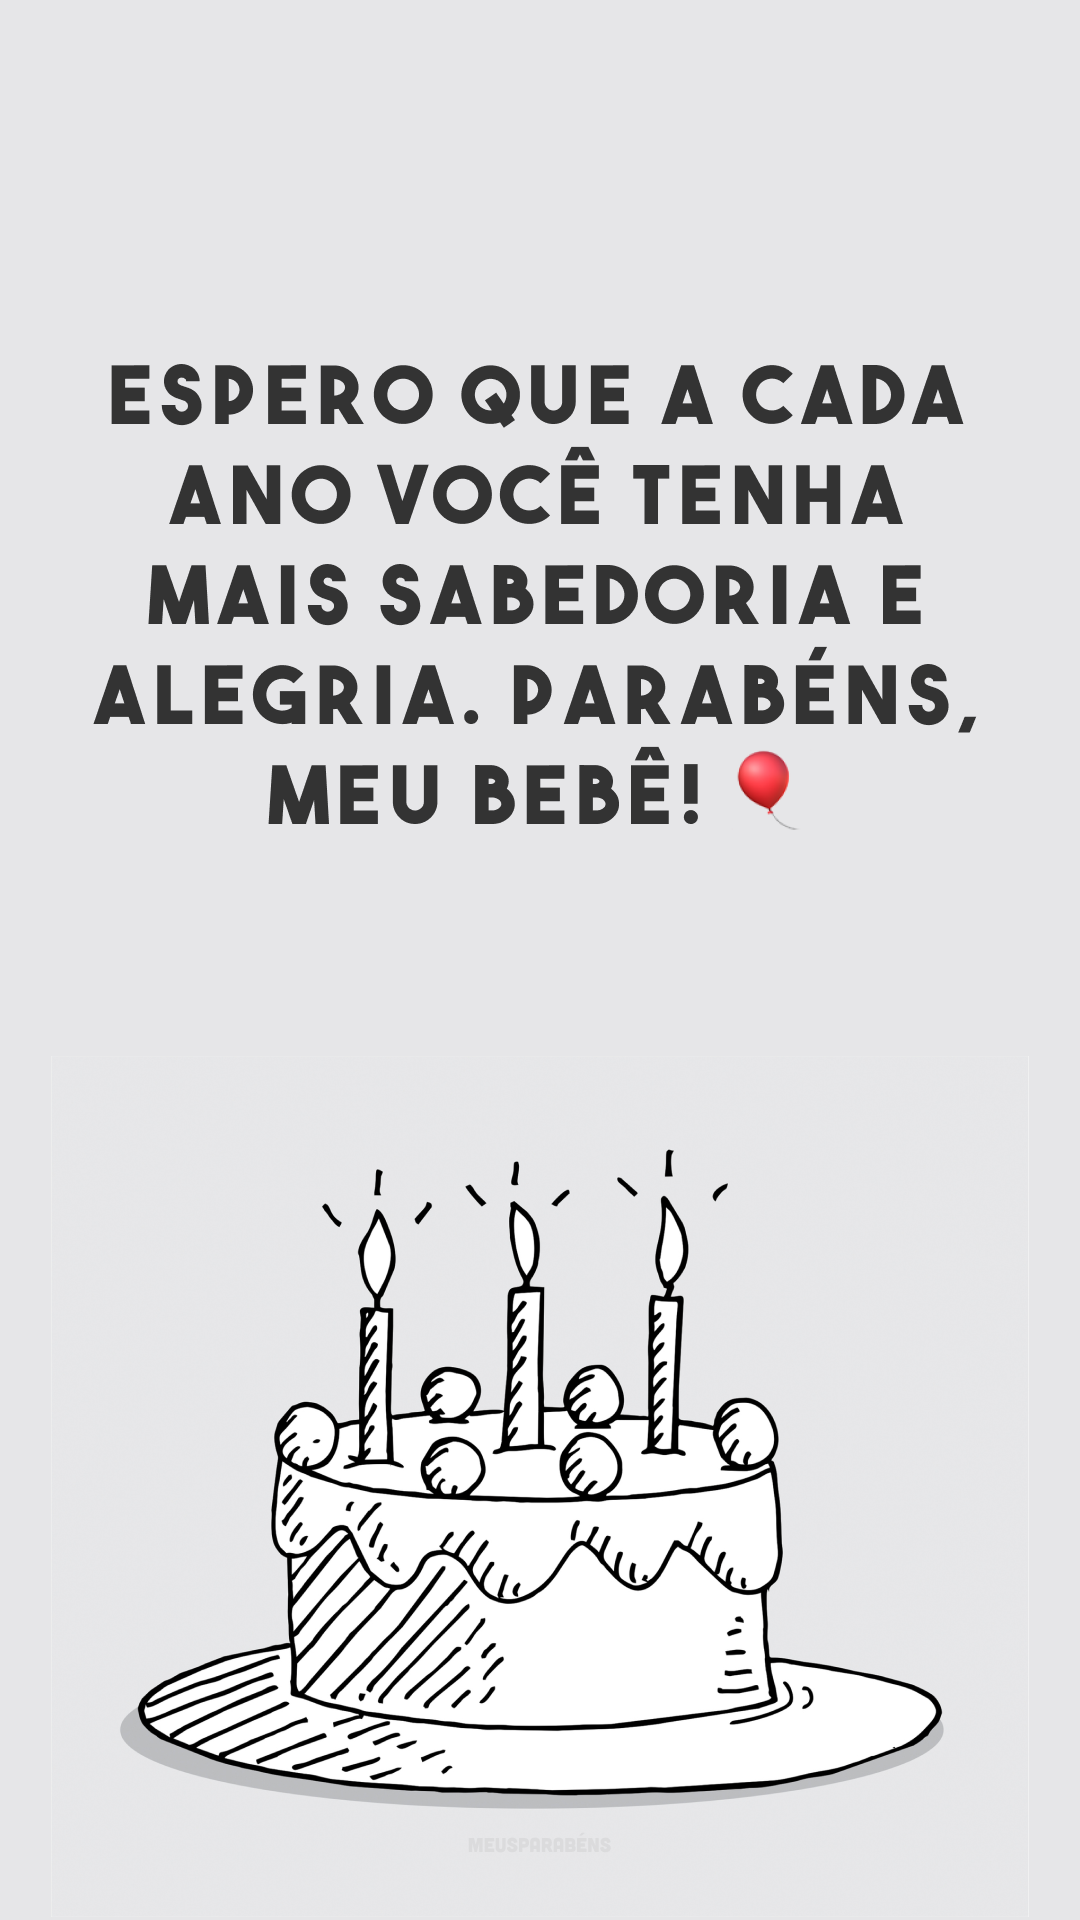 Espero que a cada ano você tenha mais sabedoria e alegria. Parabéns, meu bebê! 🎈